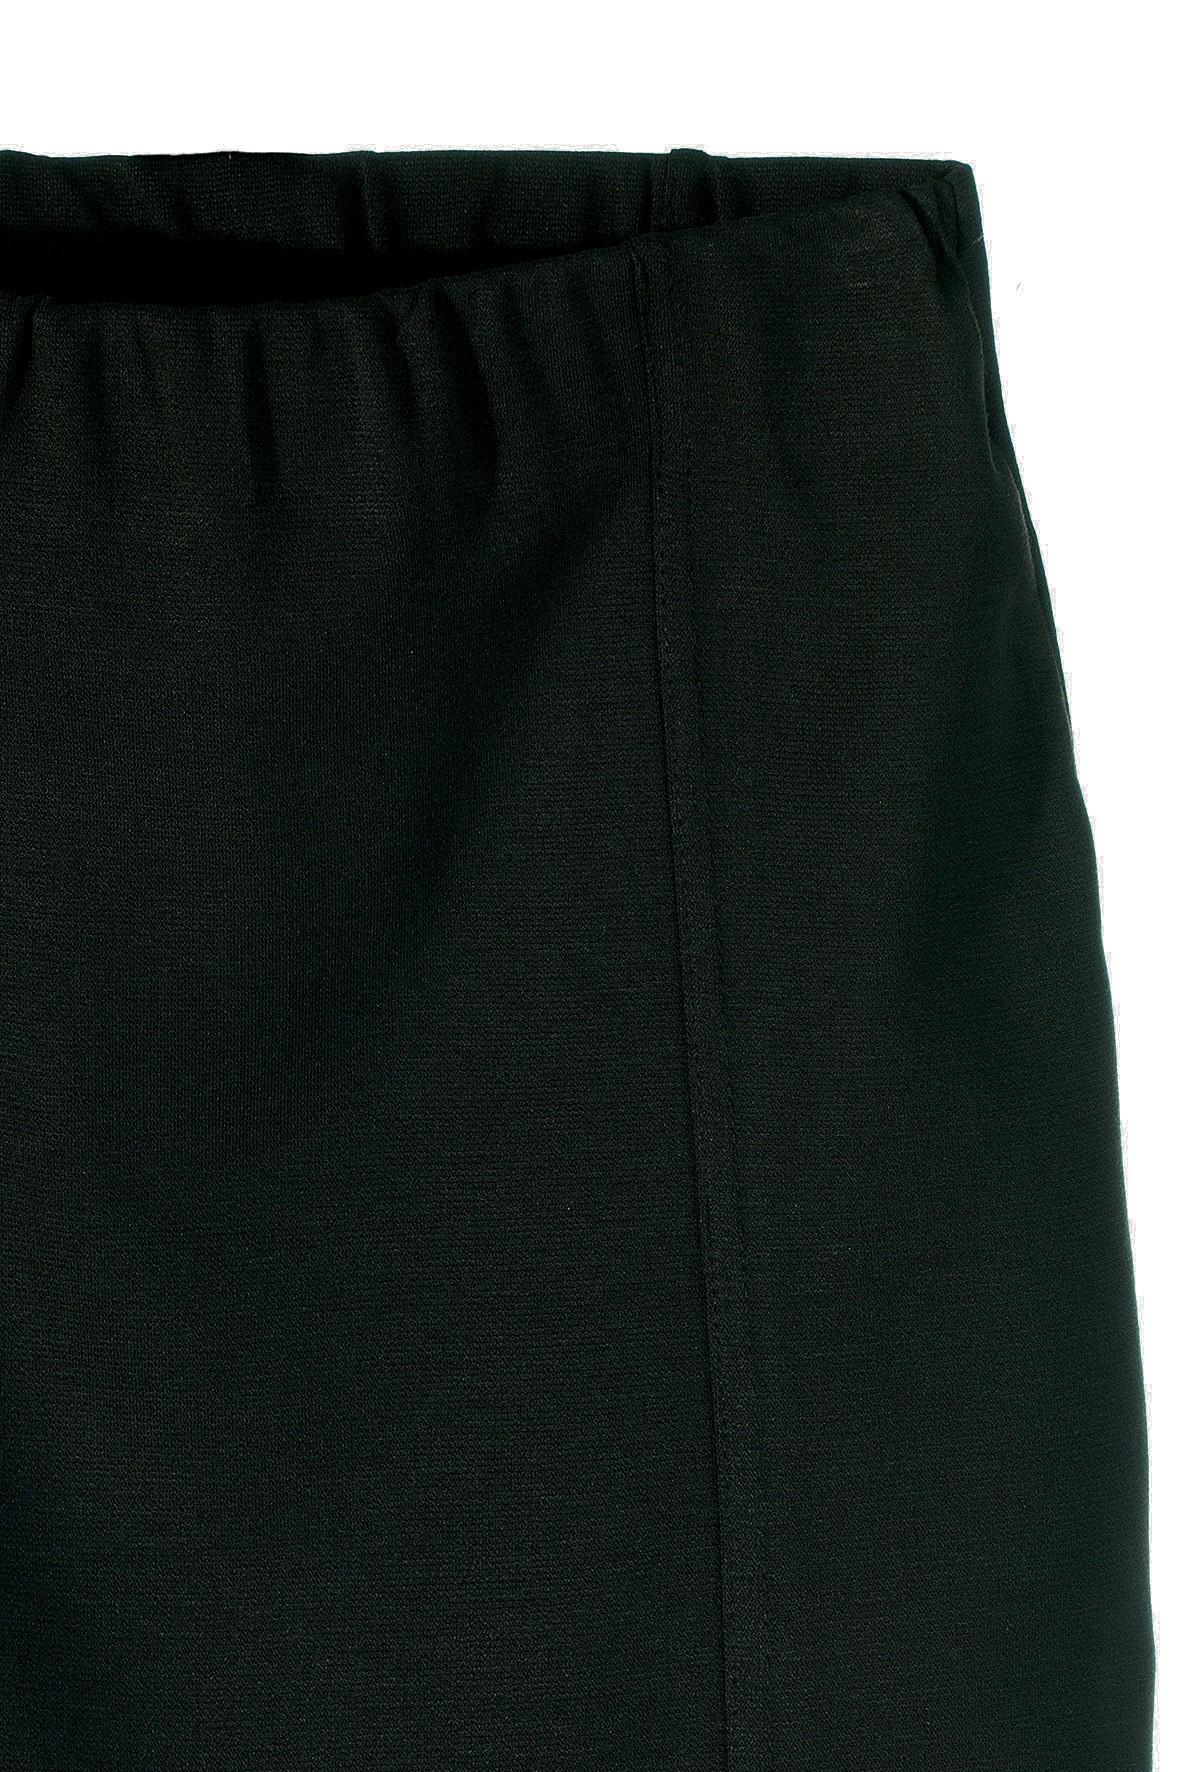 519279ae2c Spódnica dziewczęca czarna  Spódnica dziewczęca czarna